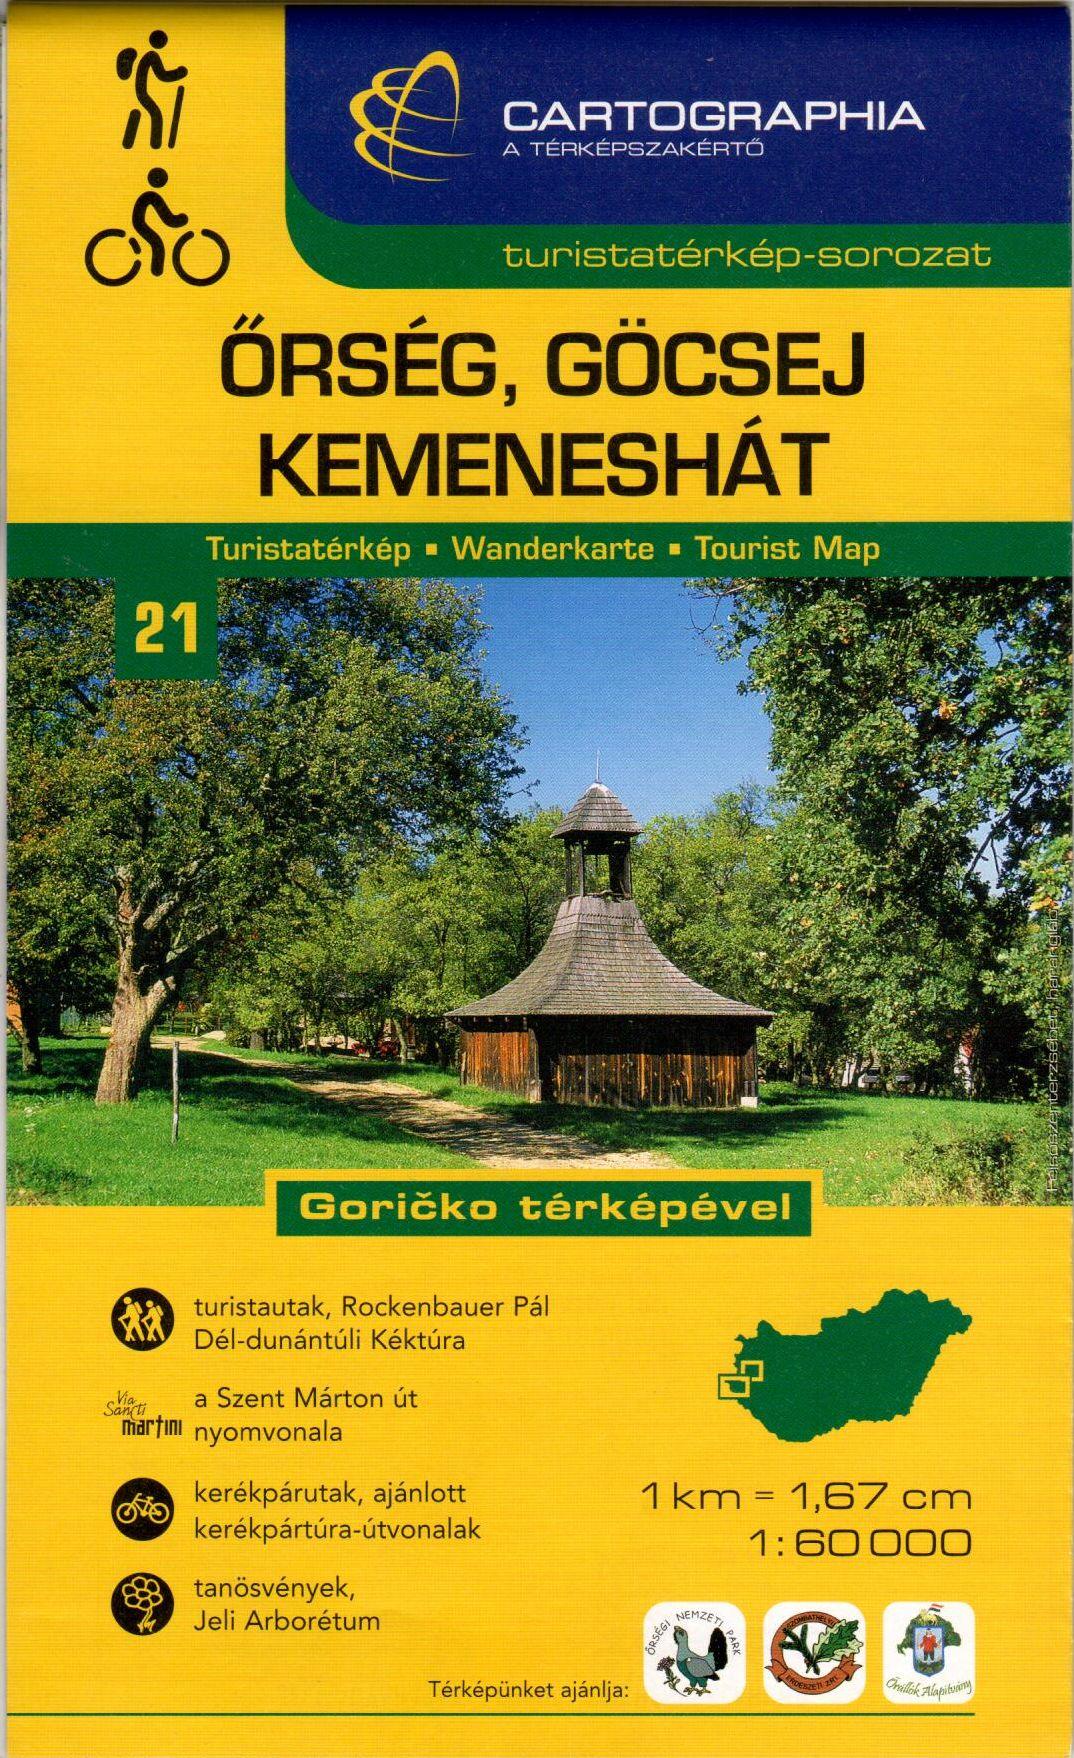 Kemeneshát, Őrség, Göcsej turistatérkép egy lapon (kétoldalas kivitelben)